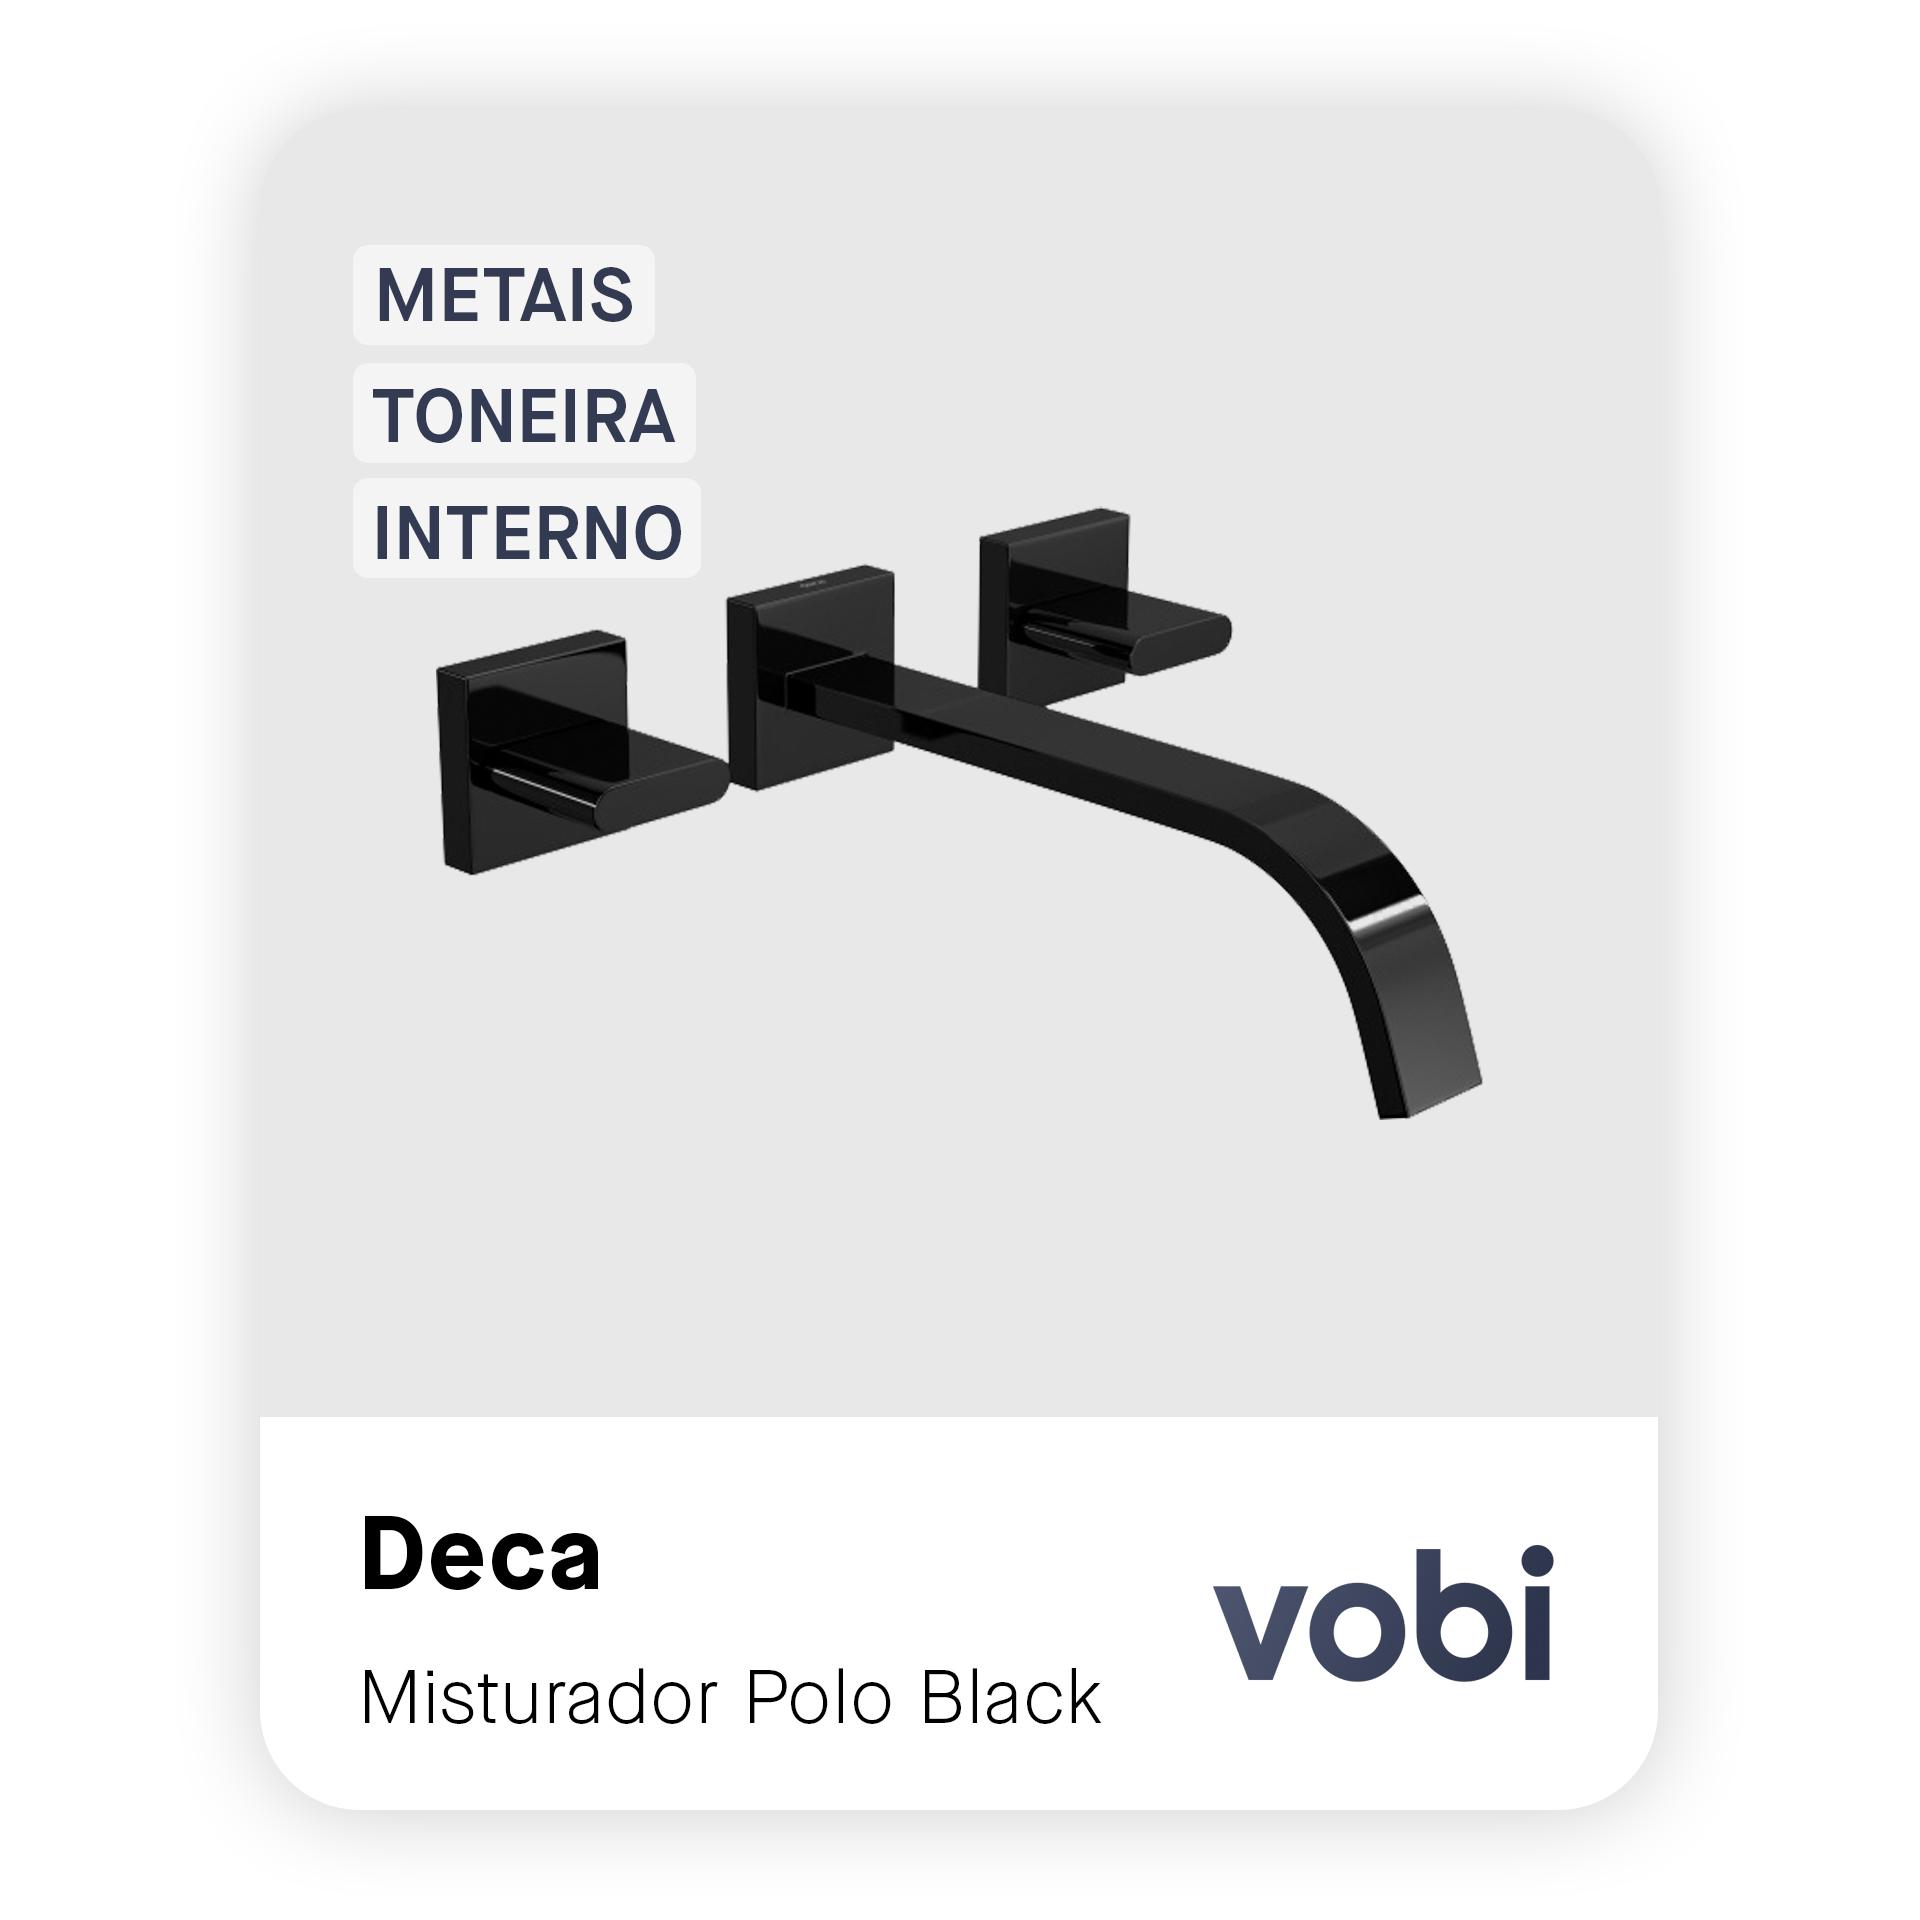 metais toneira misturador de parede preto interno